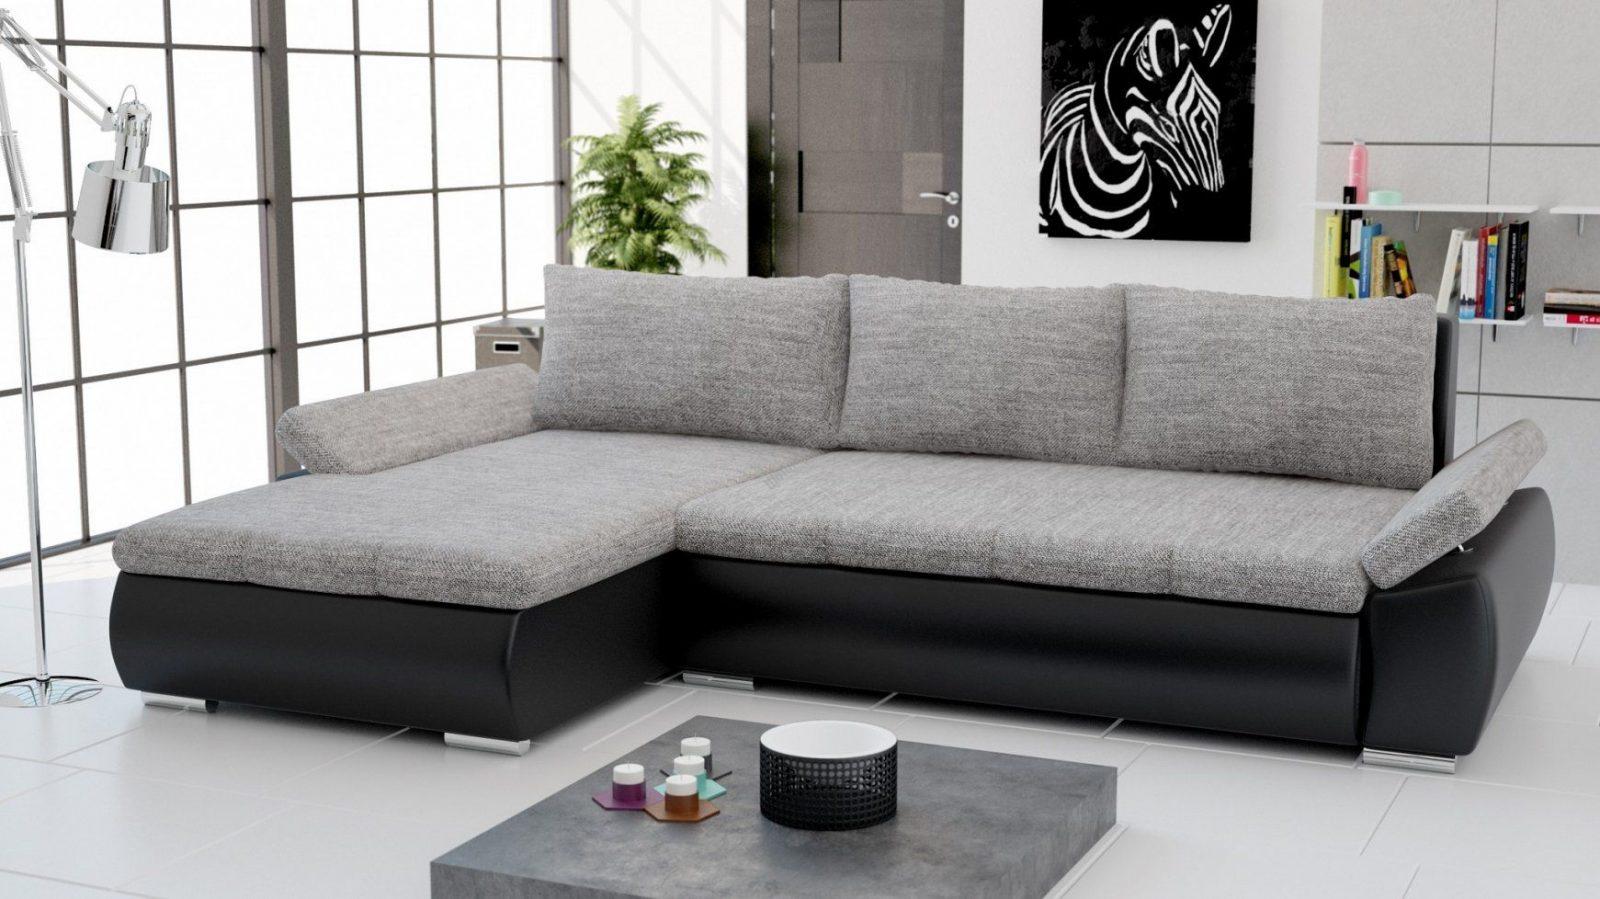 Wohnlandschaft L Form Mit Schlaffunktion von Couch L-Form Mit Schlaffunktion Bild